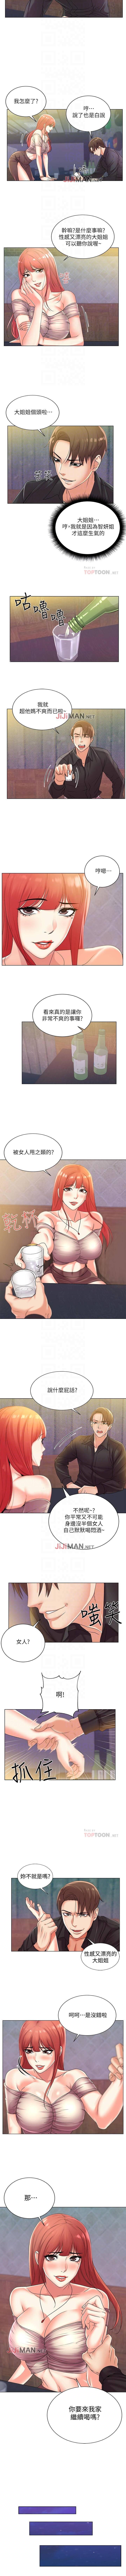 【周三连载】超市的漂亮姐姐(作者:北鼻&逃兵) 第1~20话 102